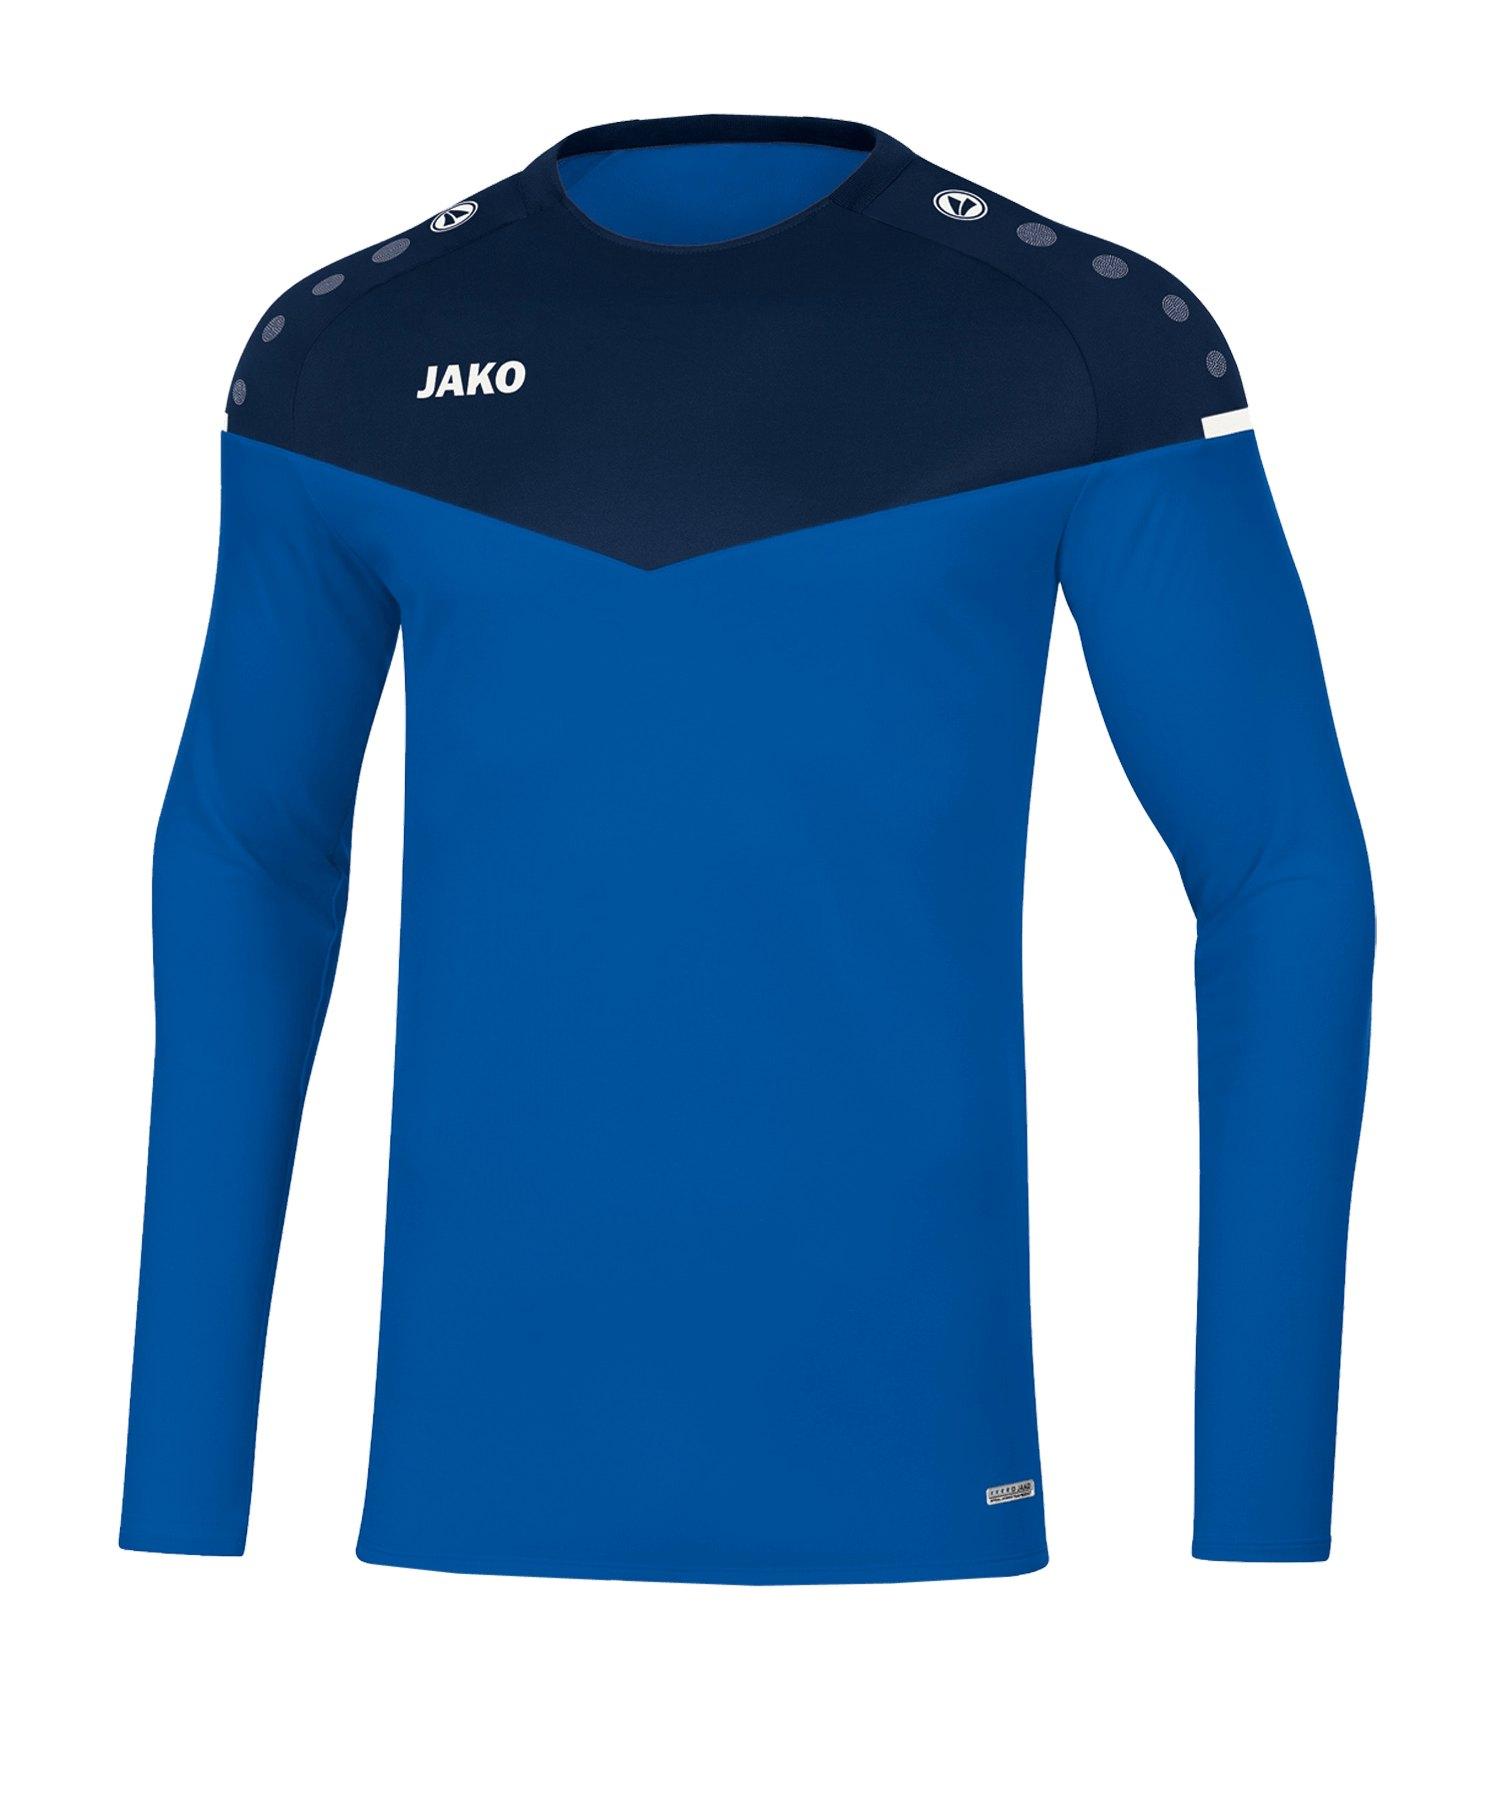 Jako Champ 2.0 Sweatshirt Blau F49 - blau